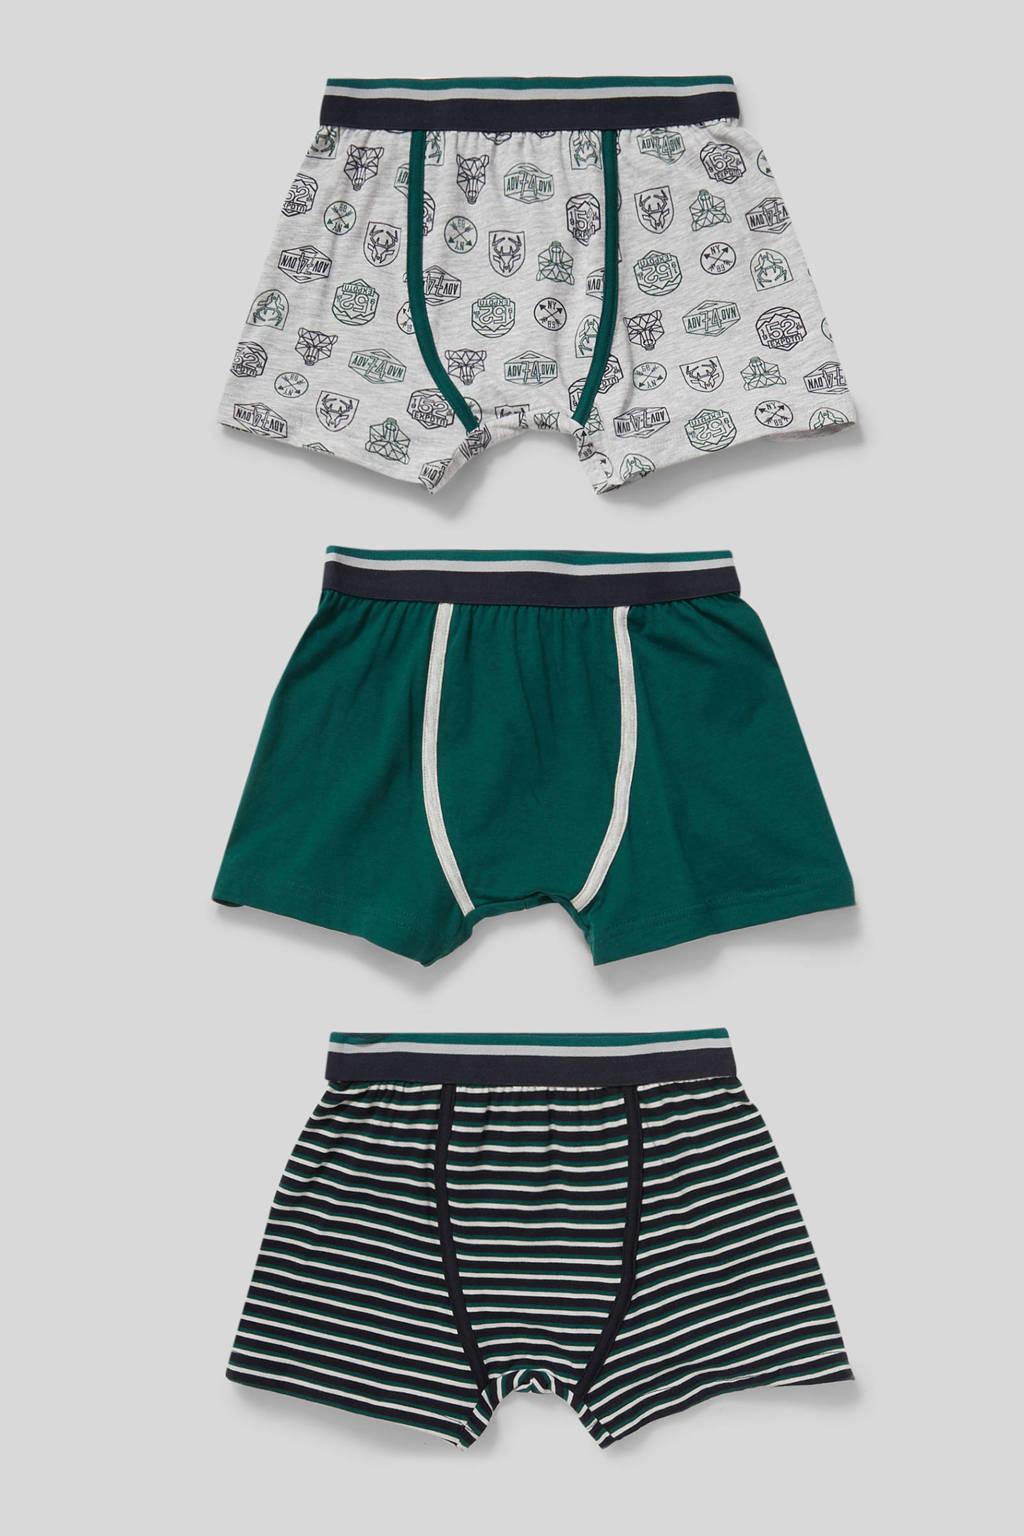 C&A Here & There   boxershort - set van 3 donkergroen/zwart/grijs